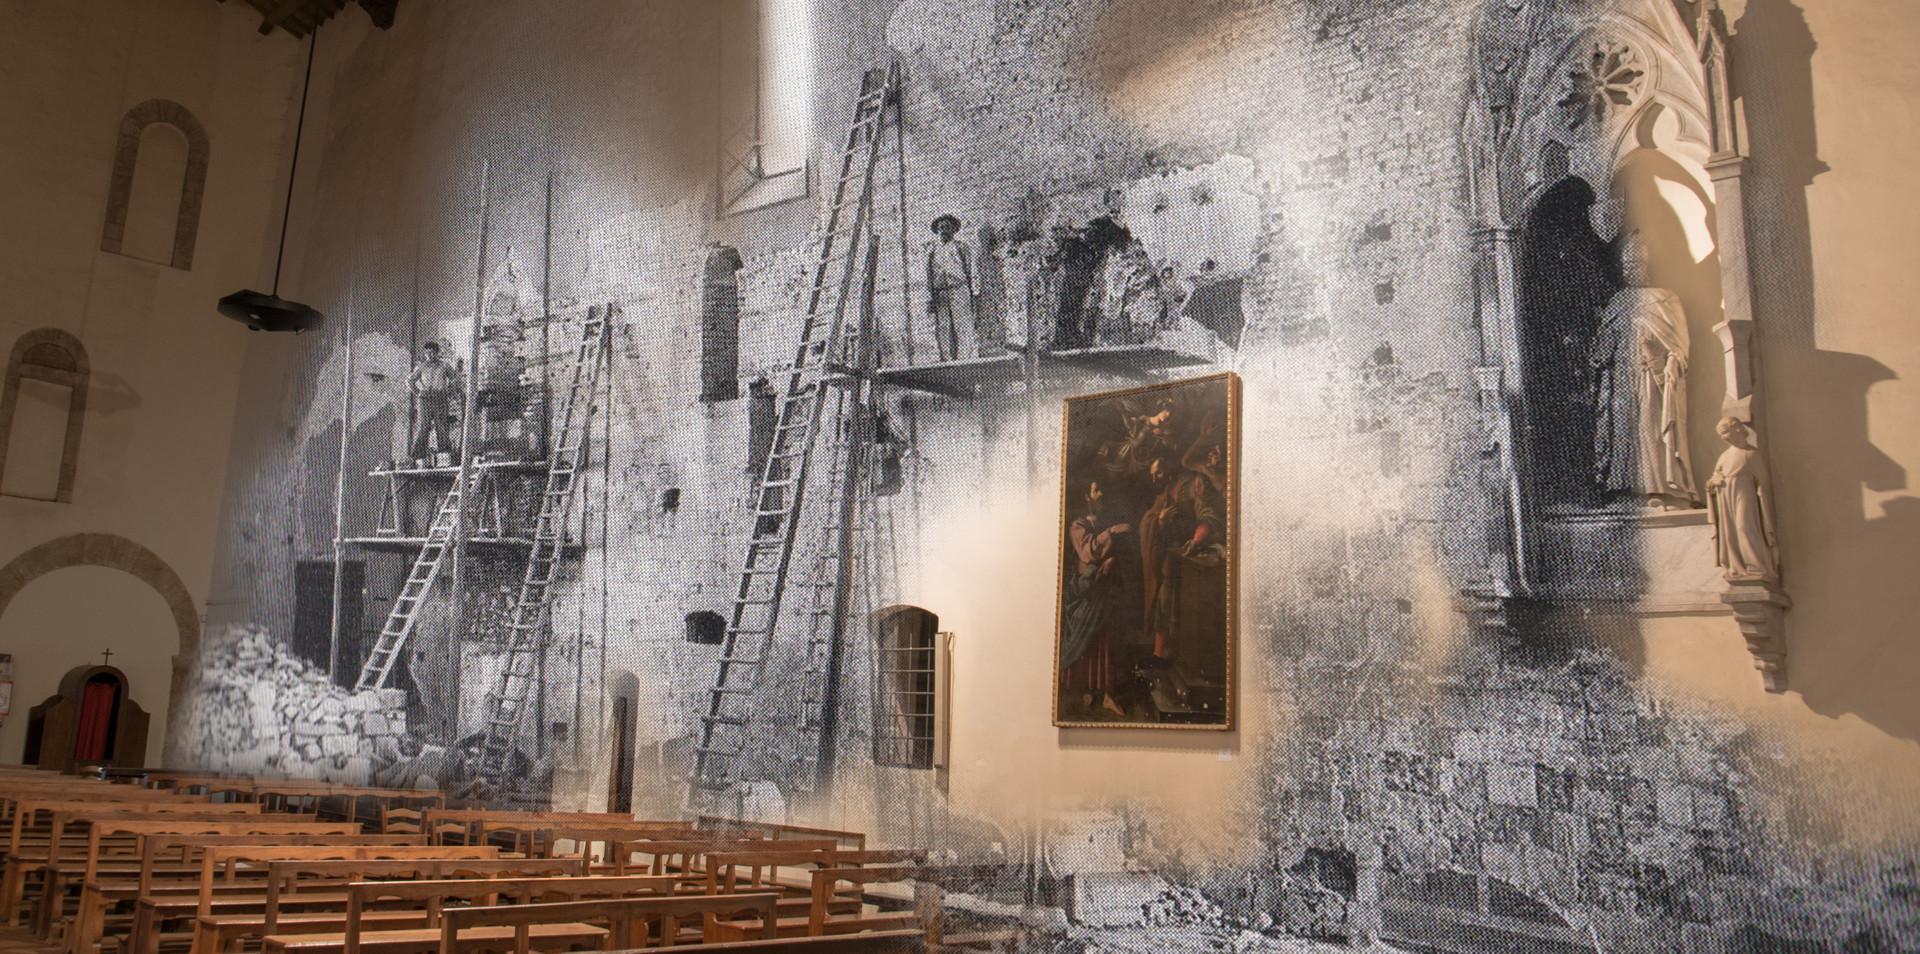 Interno e ristrutturazione dopo i bombardamenti della Chiesa